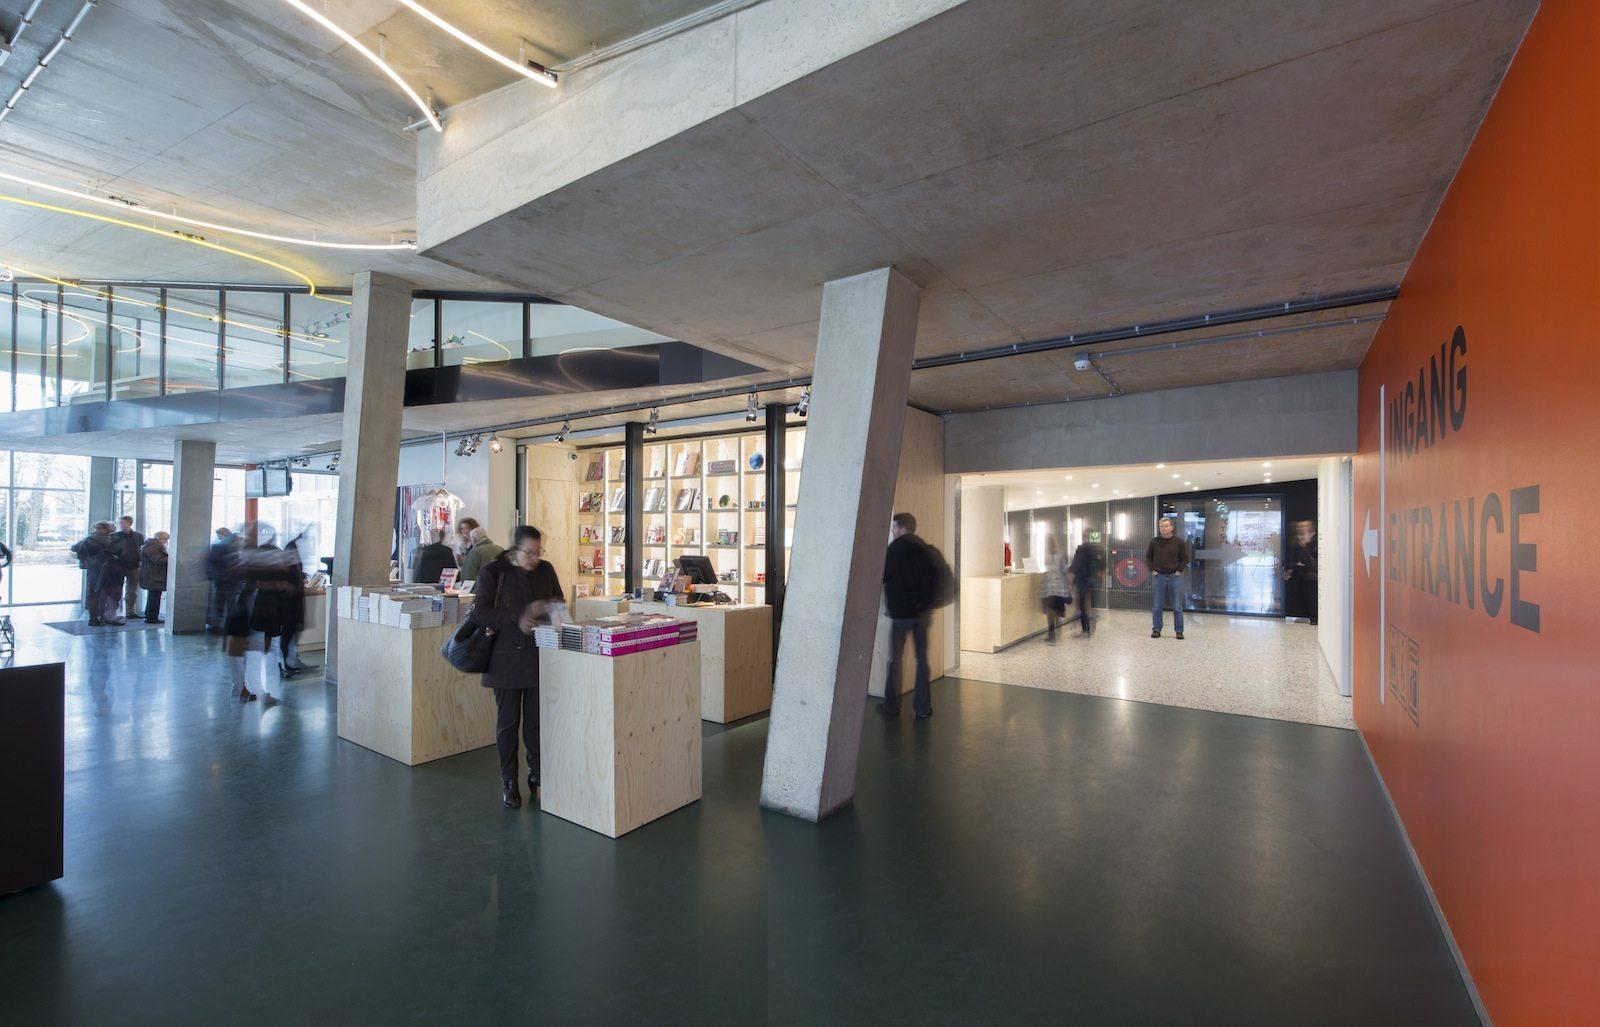 Kunsthal Rotterdam. Die Kunsthal wurde 1992 fertiggestellt und 2014 – nach einer mehrmonatigen Sanierung – wiedereröffnet.